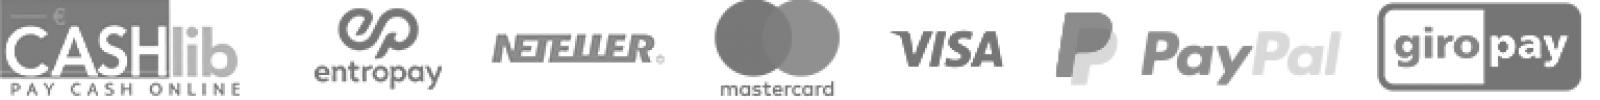 gratorama-casino-paiements